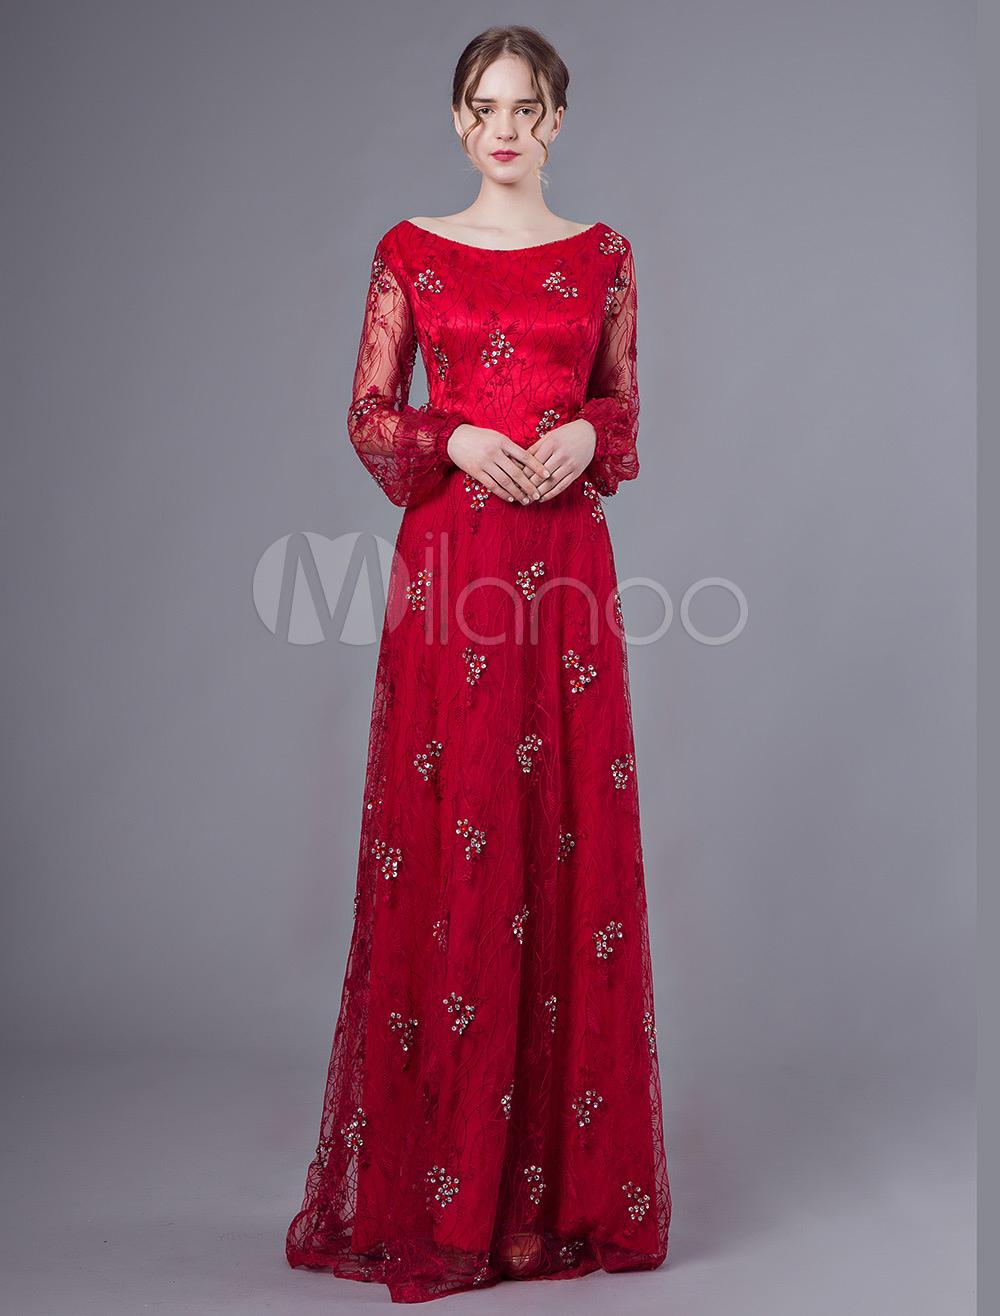 ba92b4f7eeafc ドレス長袖赤いレースのビーズの床の長さのフォーマルドレスの母 ...